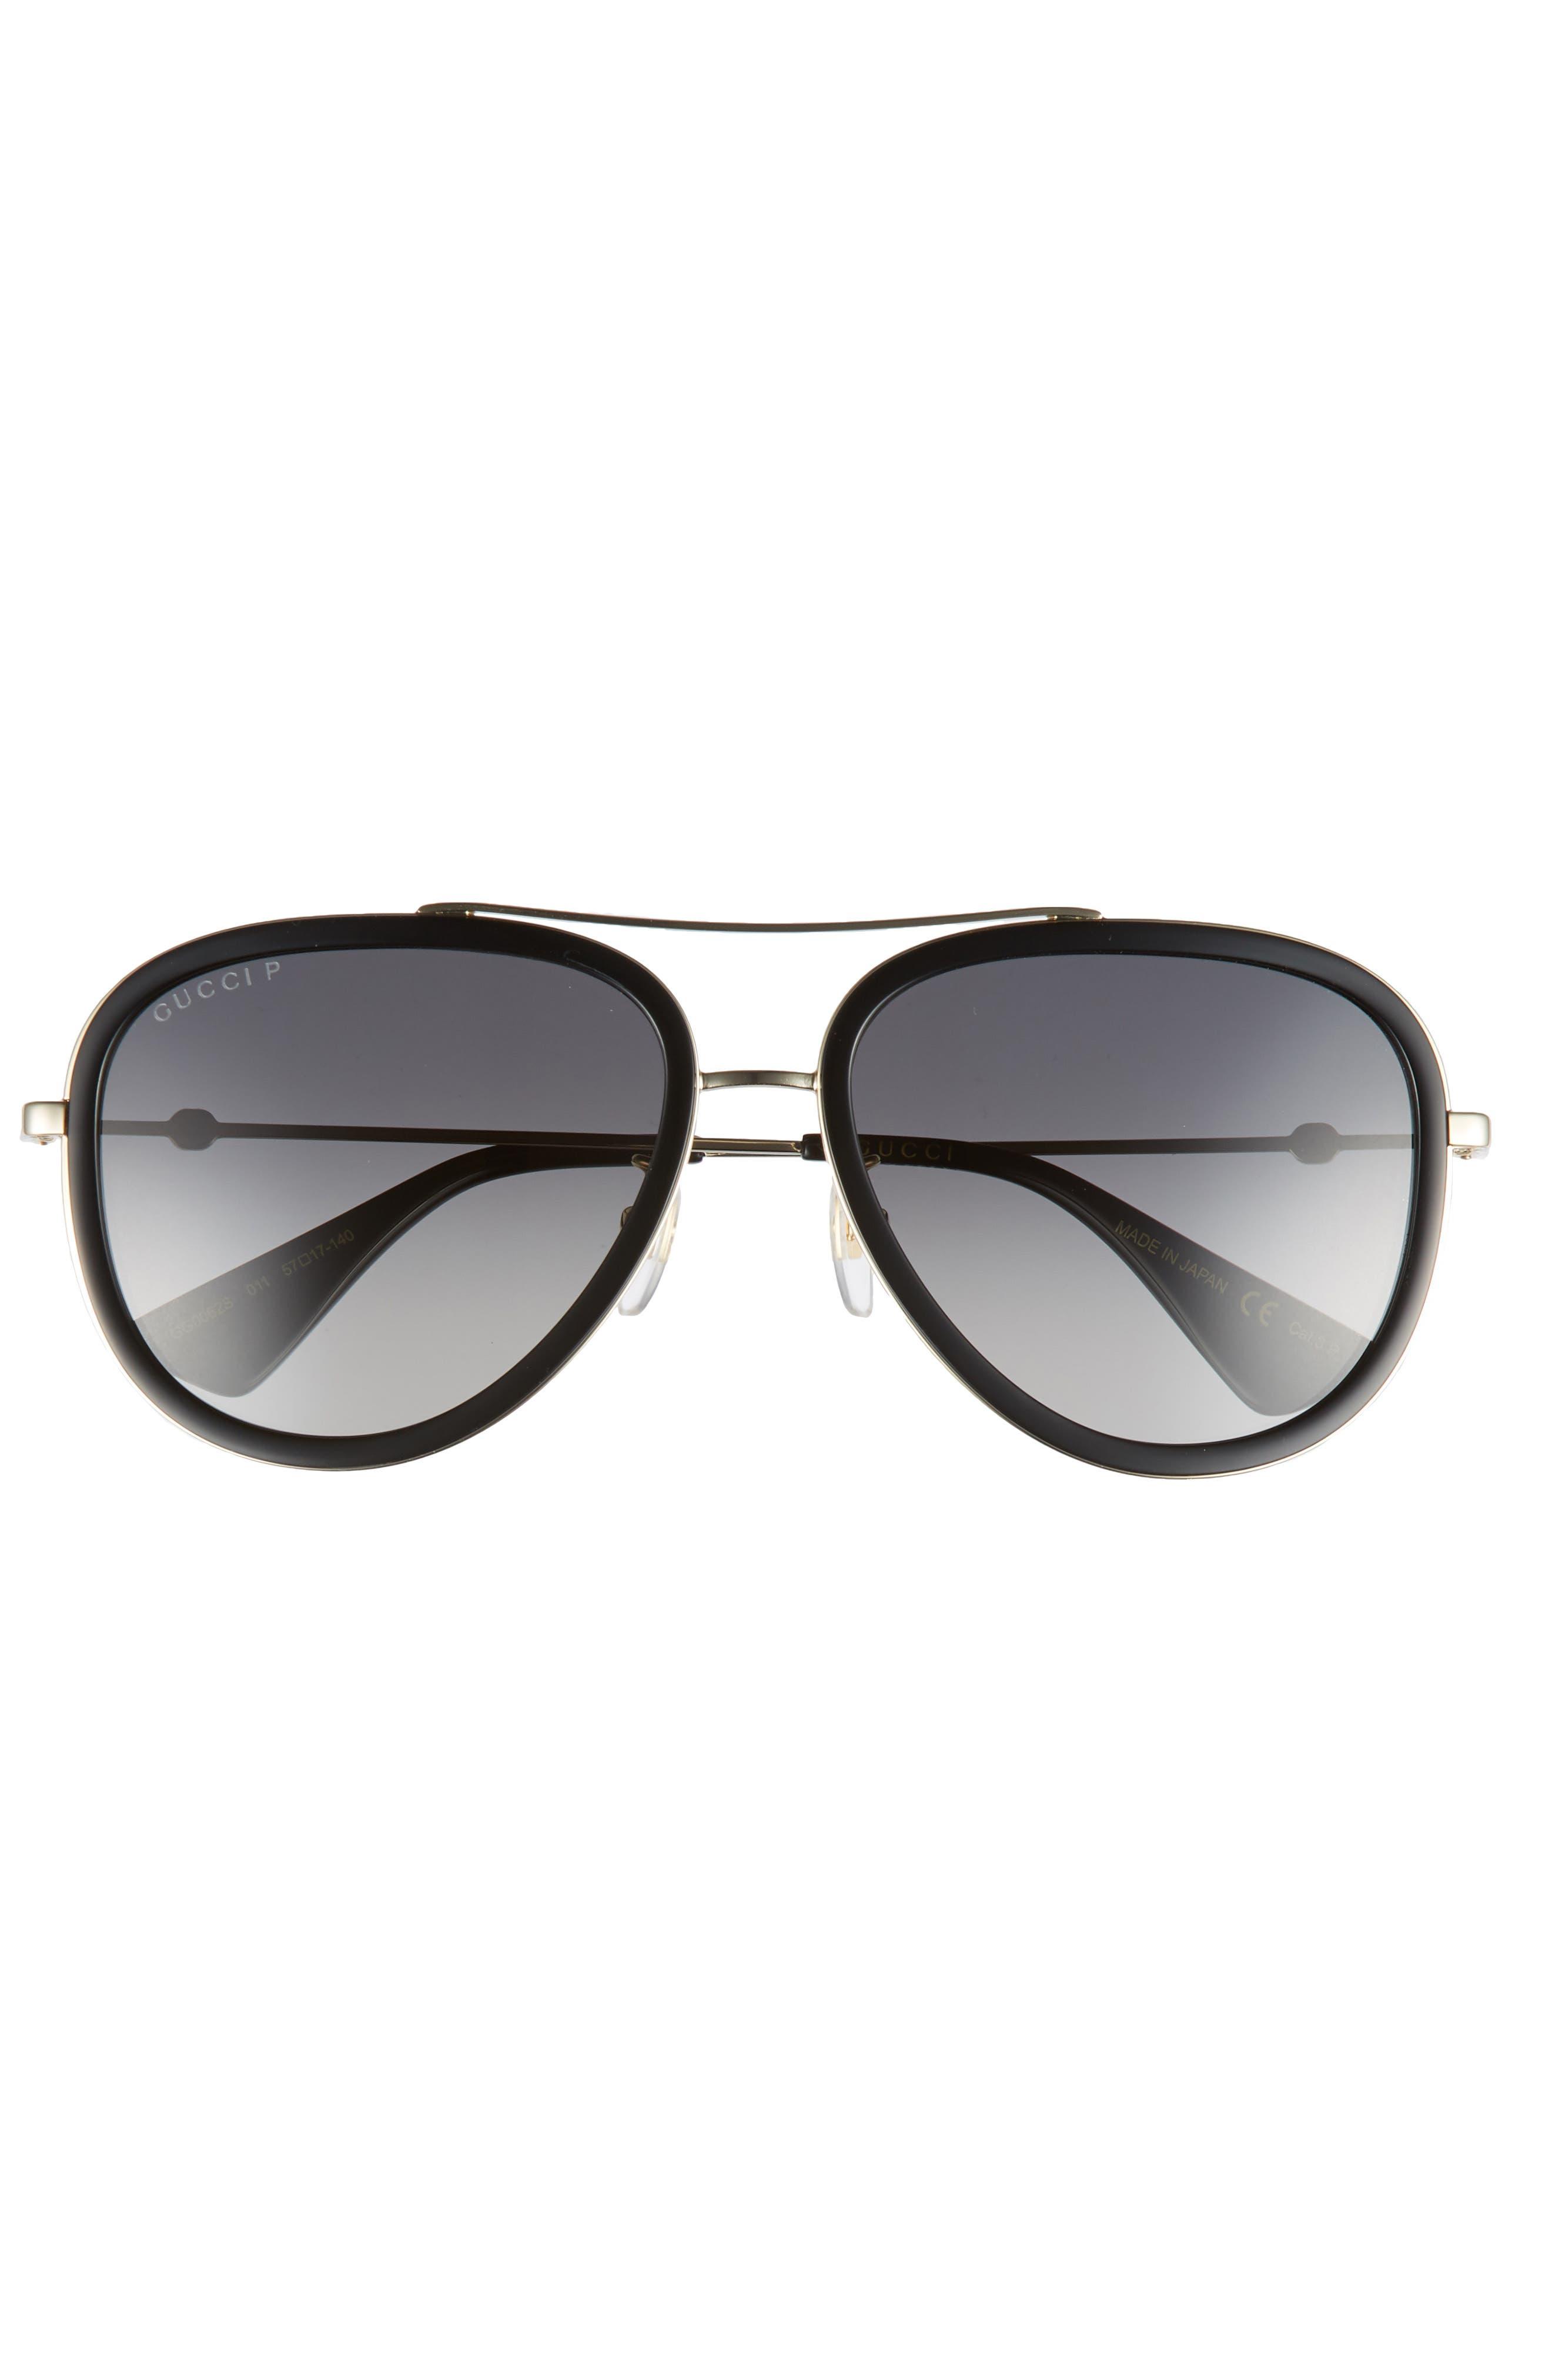 GUCCI, Web Block Pilot 57mm Polarized Aviator Sunglasses, Alternate thumbnail 2, color, GOLD/ BLACK